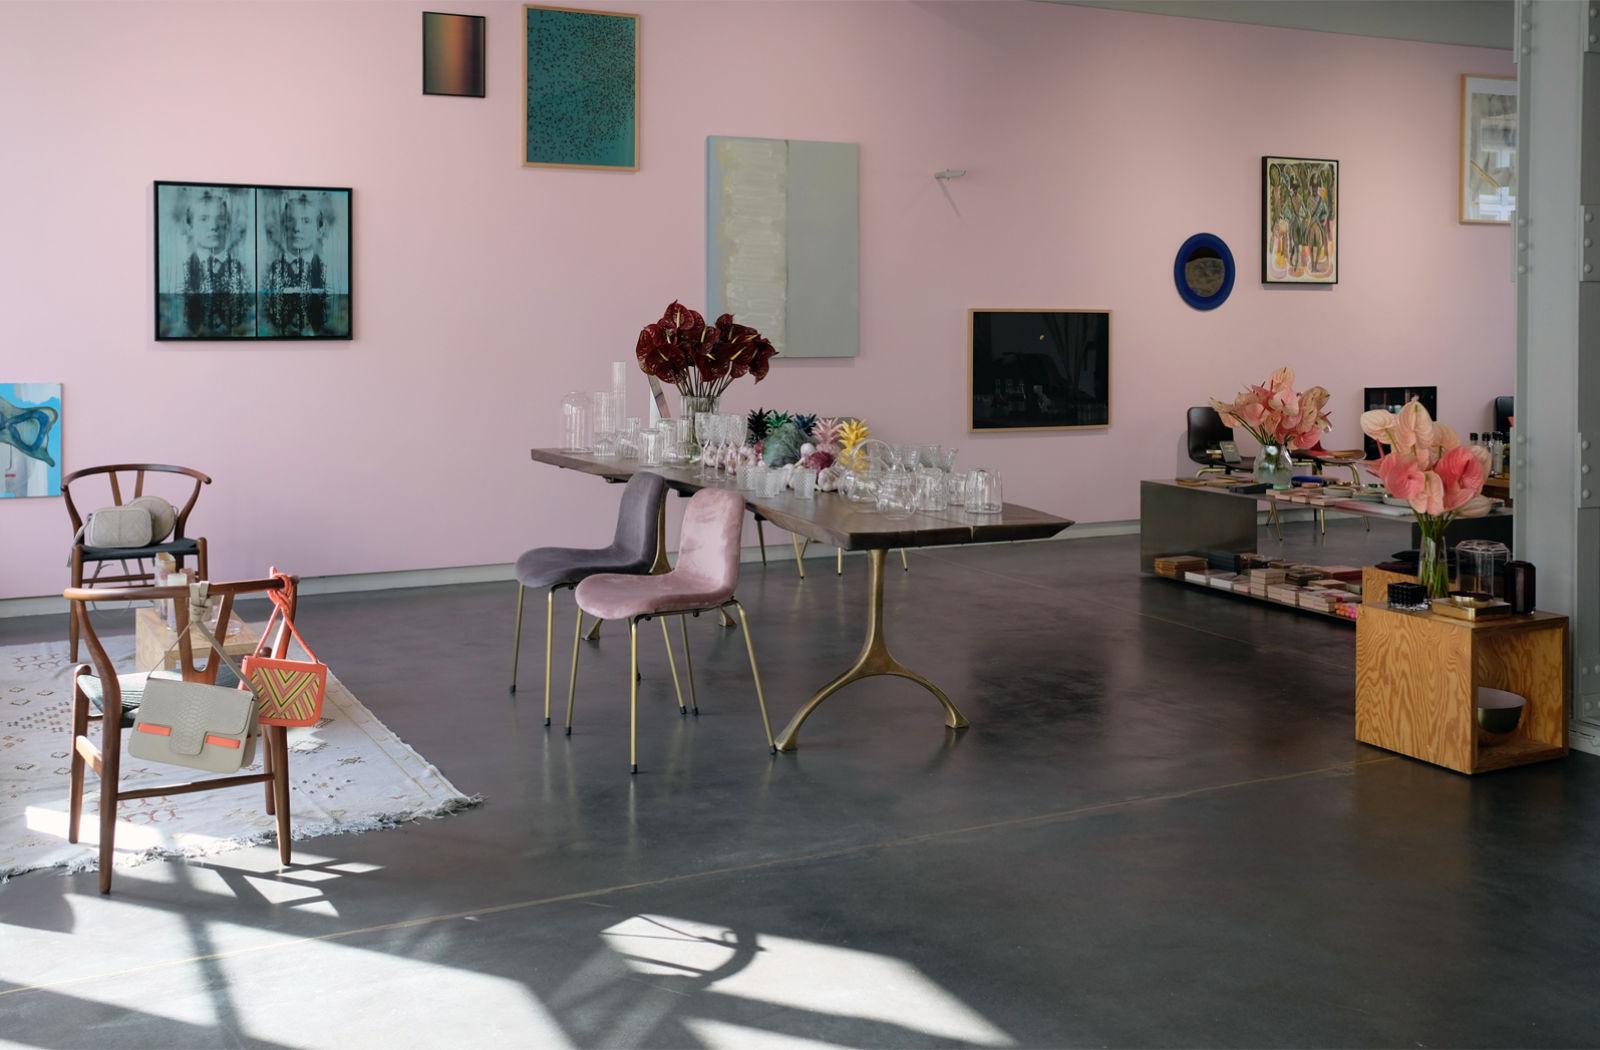 loft wohnung buhne gestalterische kreativitat, artikel - anneliwest|berlin, Design ideen